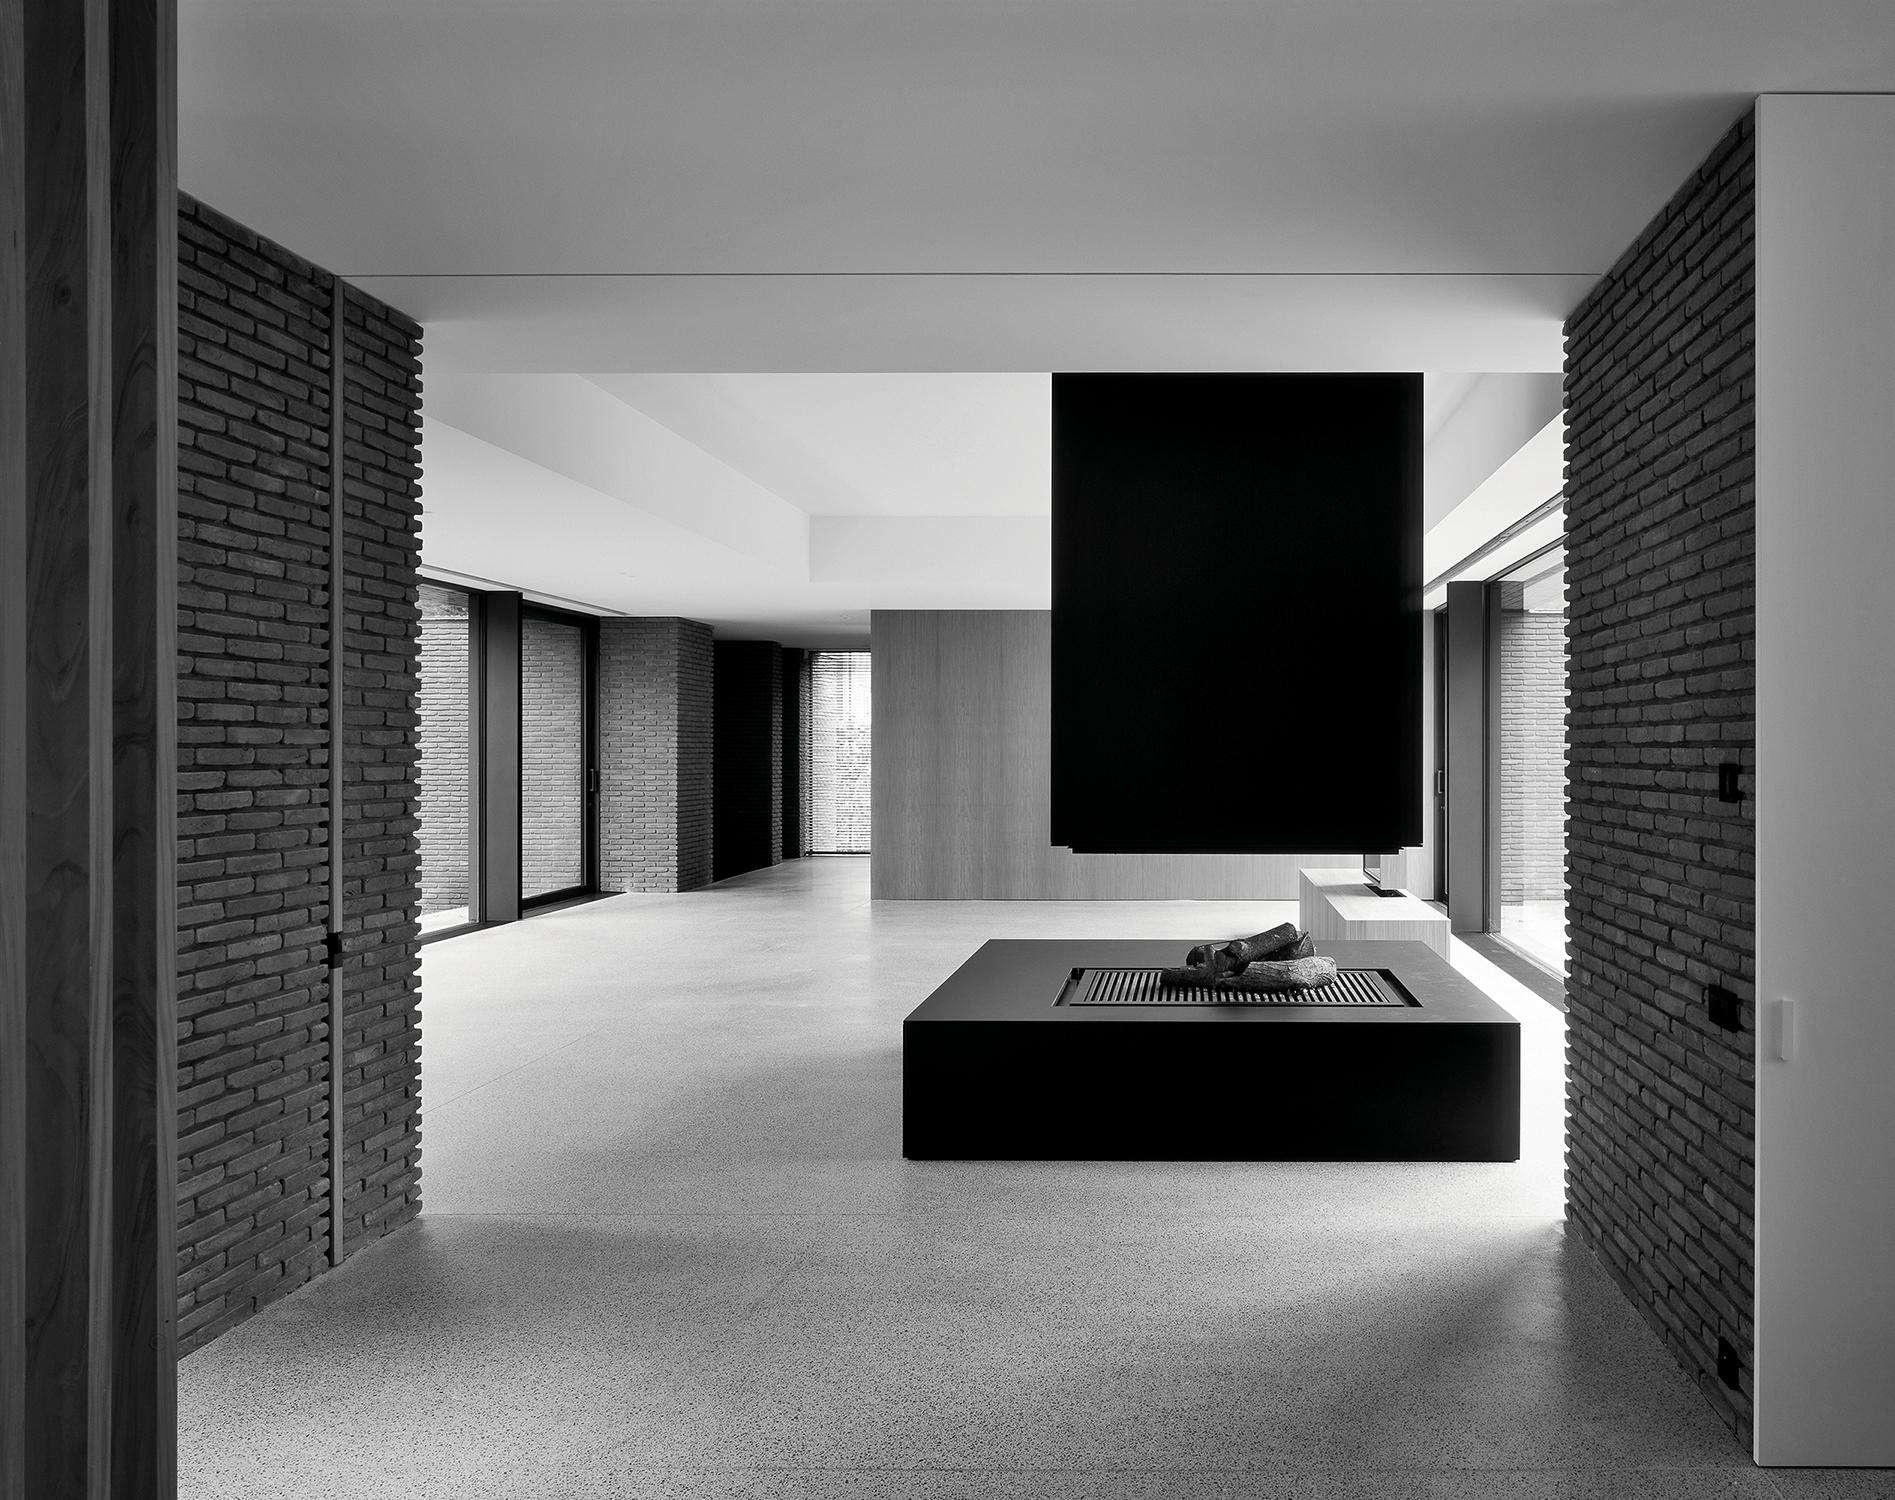 17 Vvda 2018 Monograph Ba Residence 03 Hélène Binet Rgb